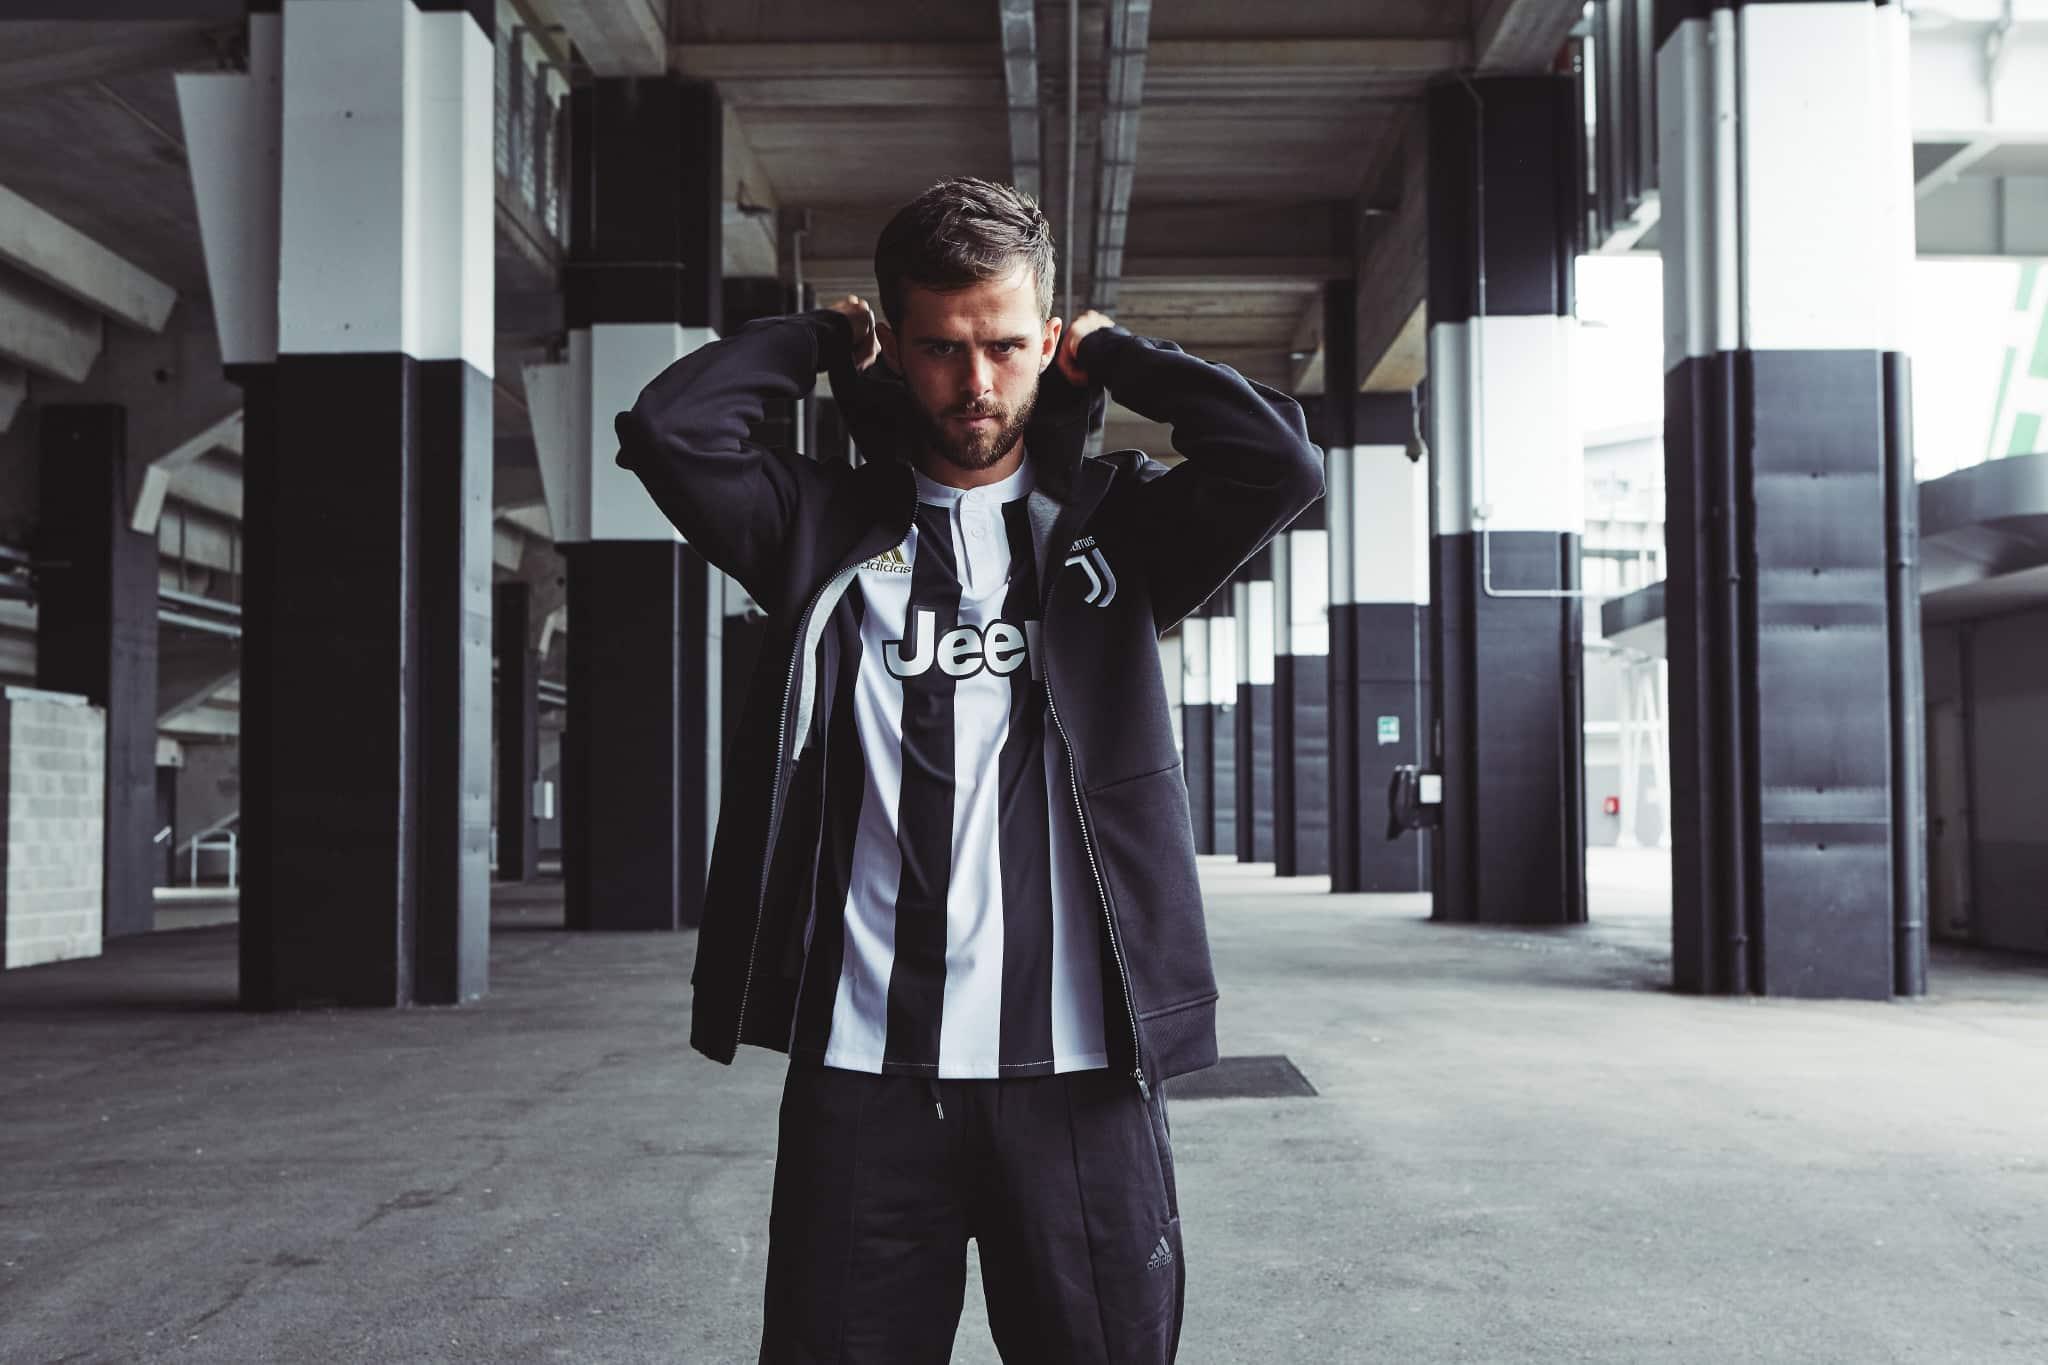 La Juve dévoile son nouveau maillot — Juventus